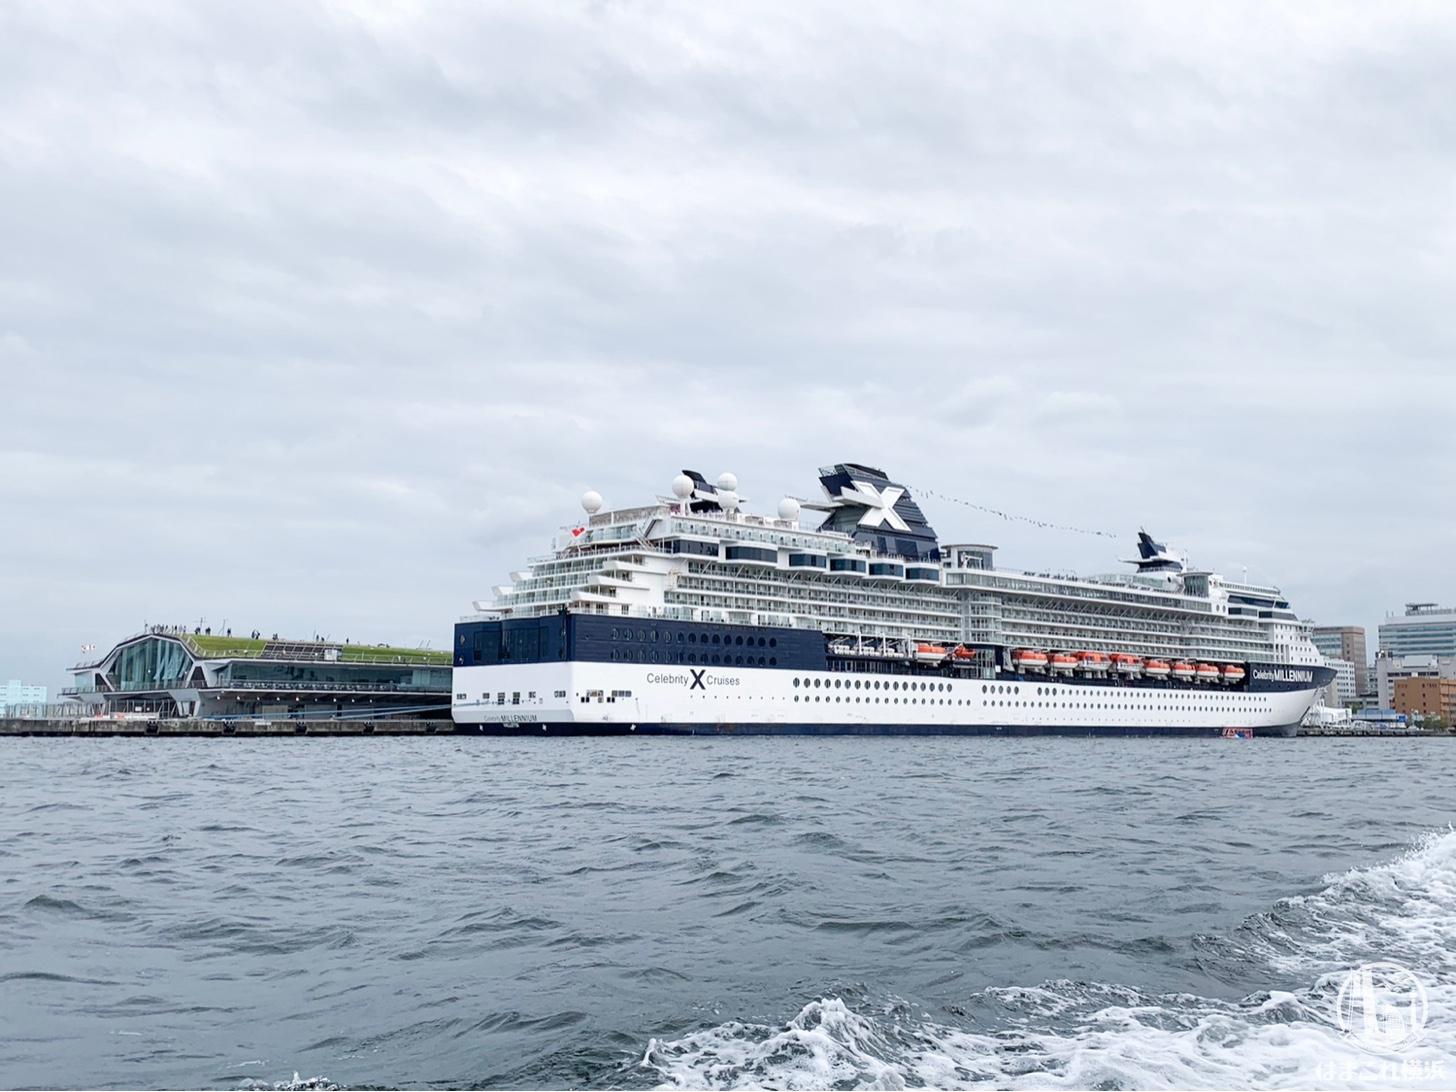 シーバスで横浜港周遊クルージング!700円でお手軽船旅観光